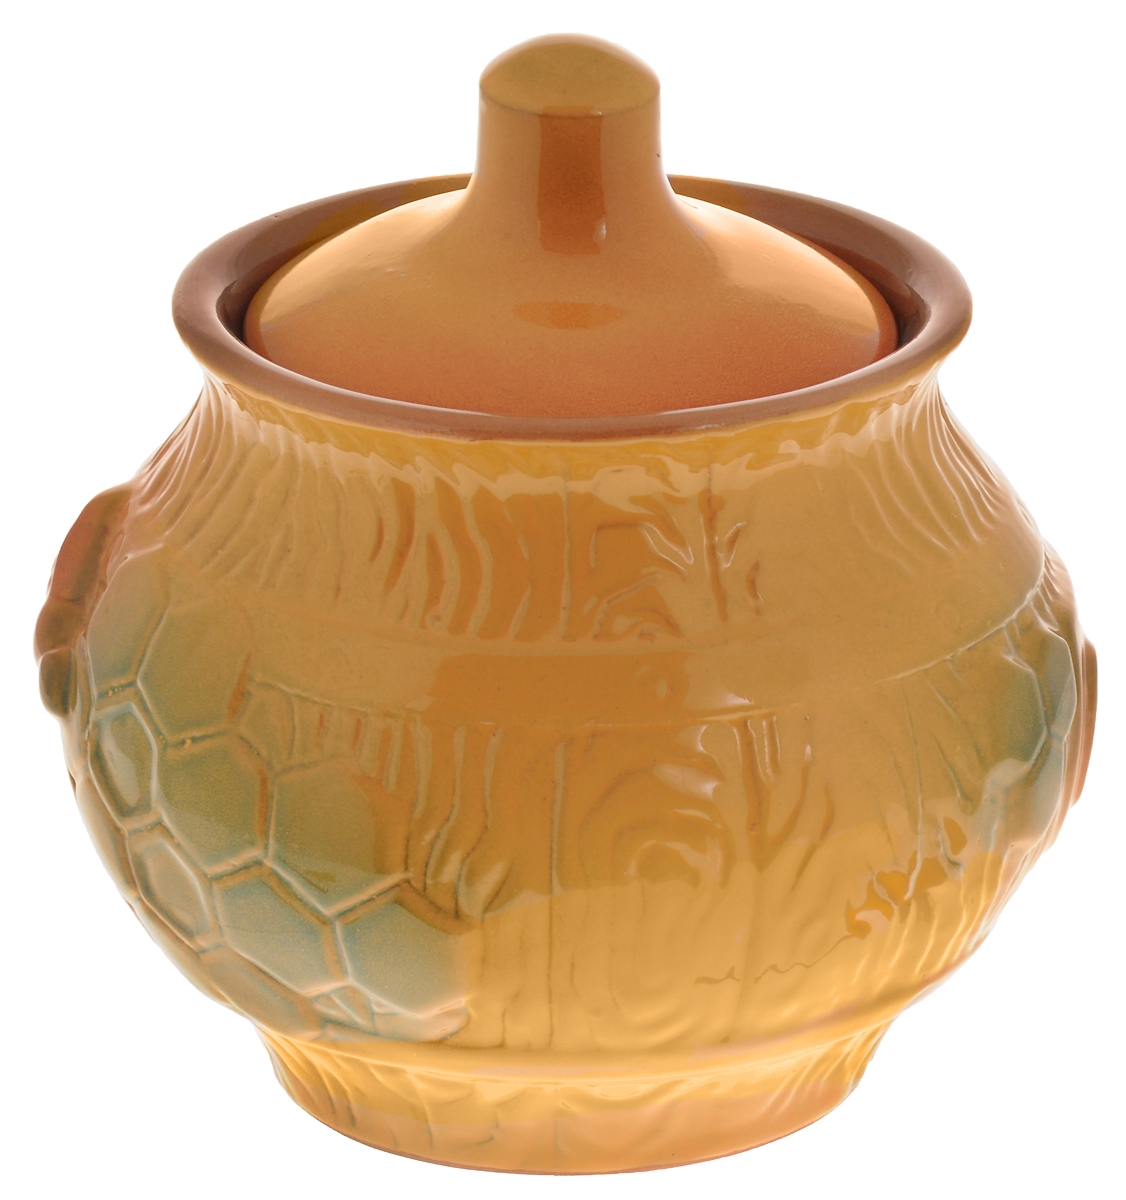 """Удобный горшочек для меда Борисовская керамика """"Русский"""", выполненный из высококачественной керамики, предназначен для хранения меда. Но универсальность керамики позволяет хранить в нем любые продукты и даже запекать. Очень оригинально смотрится в любом интерьере.   Объем: 0,6 л. Диаметр горшочка: 13,5 см. Диаметр по верхнему краю: 10 см. Диаметр основания: 8 см."""